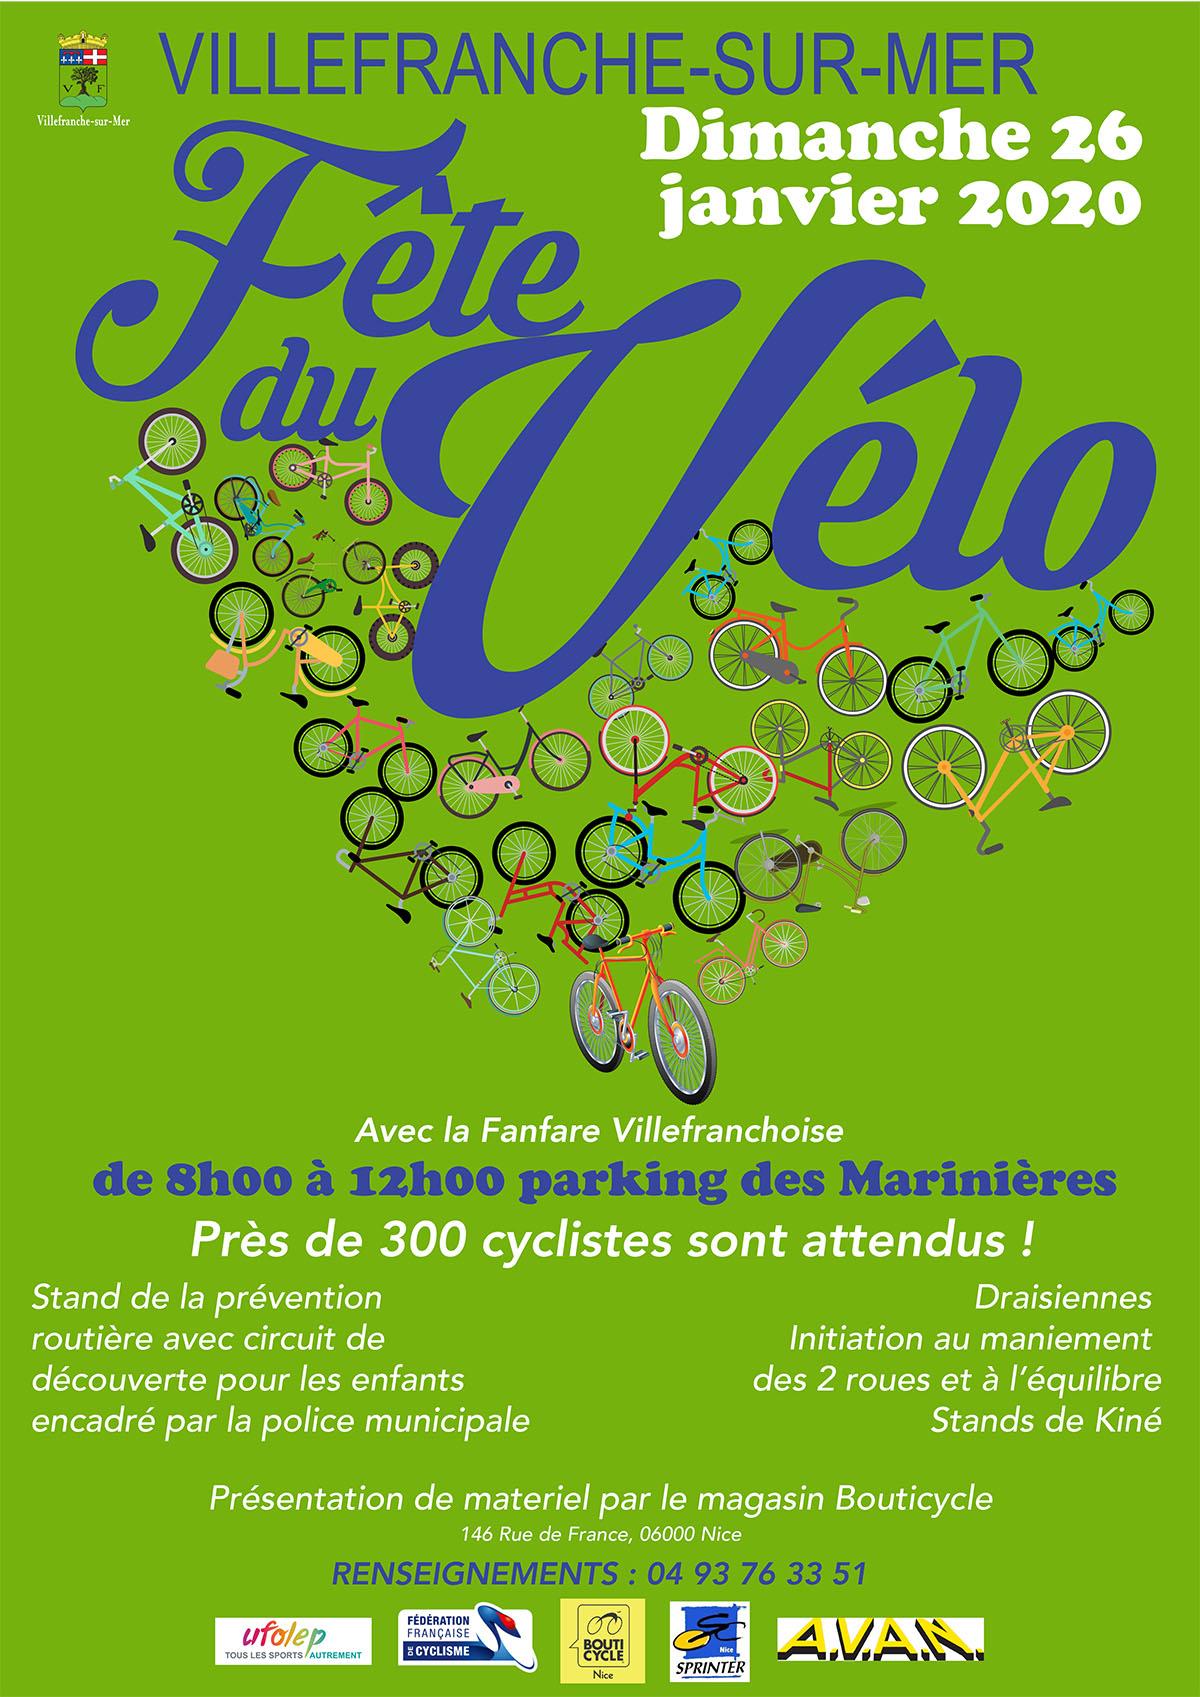 La Fête du Vélo à Villefranche-sur-Mer